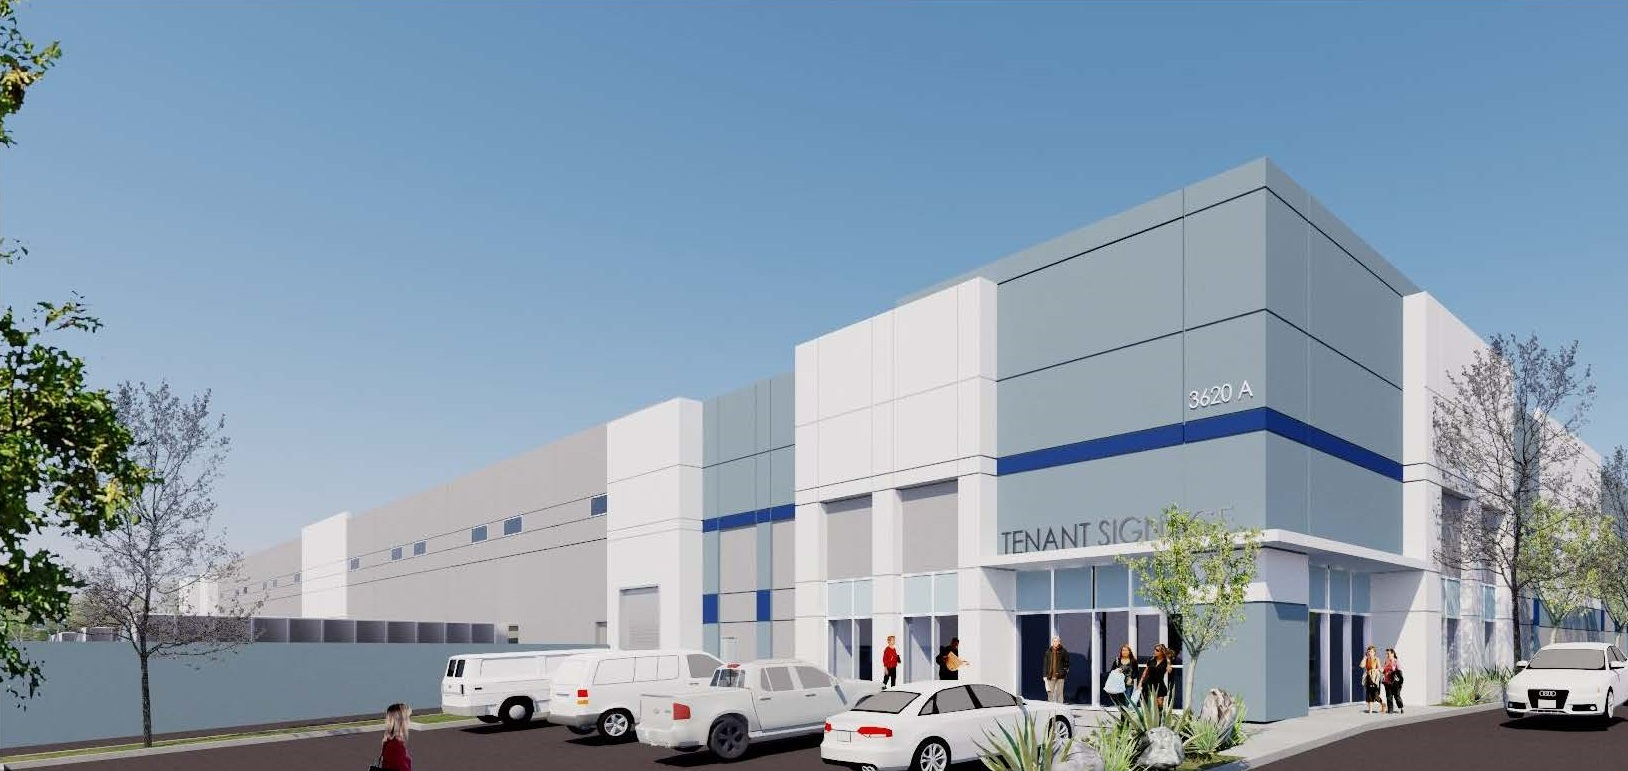 Opus_Rangeview Industrial Center_rendering